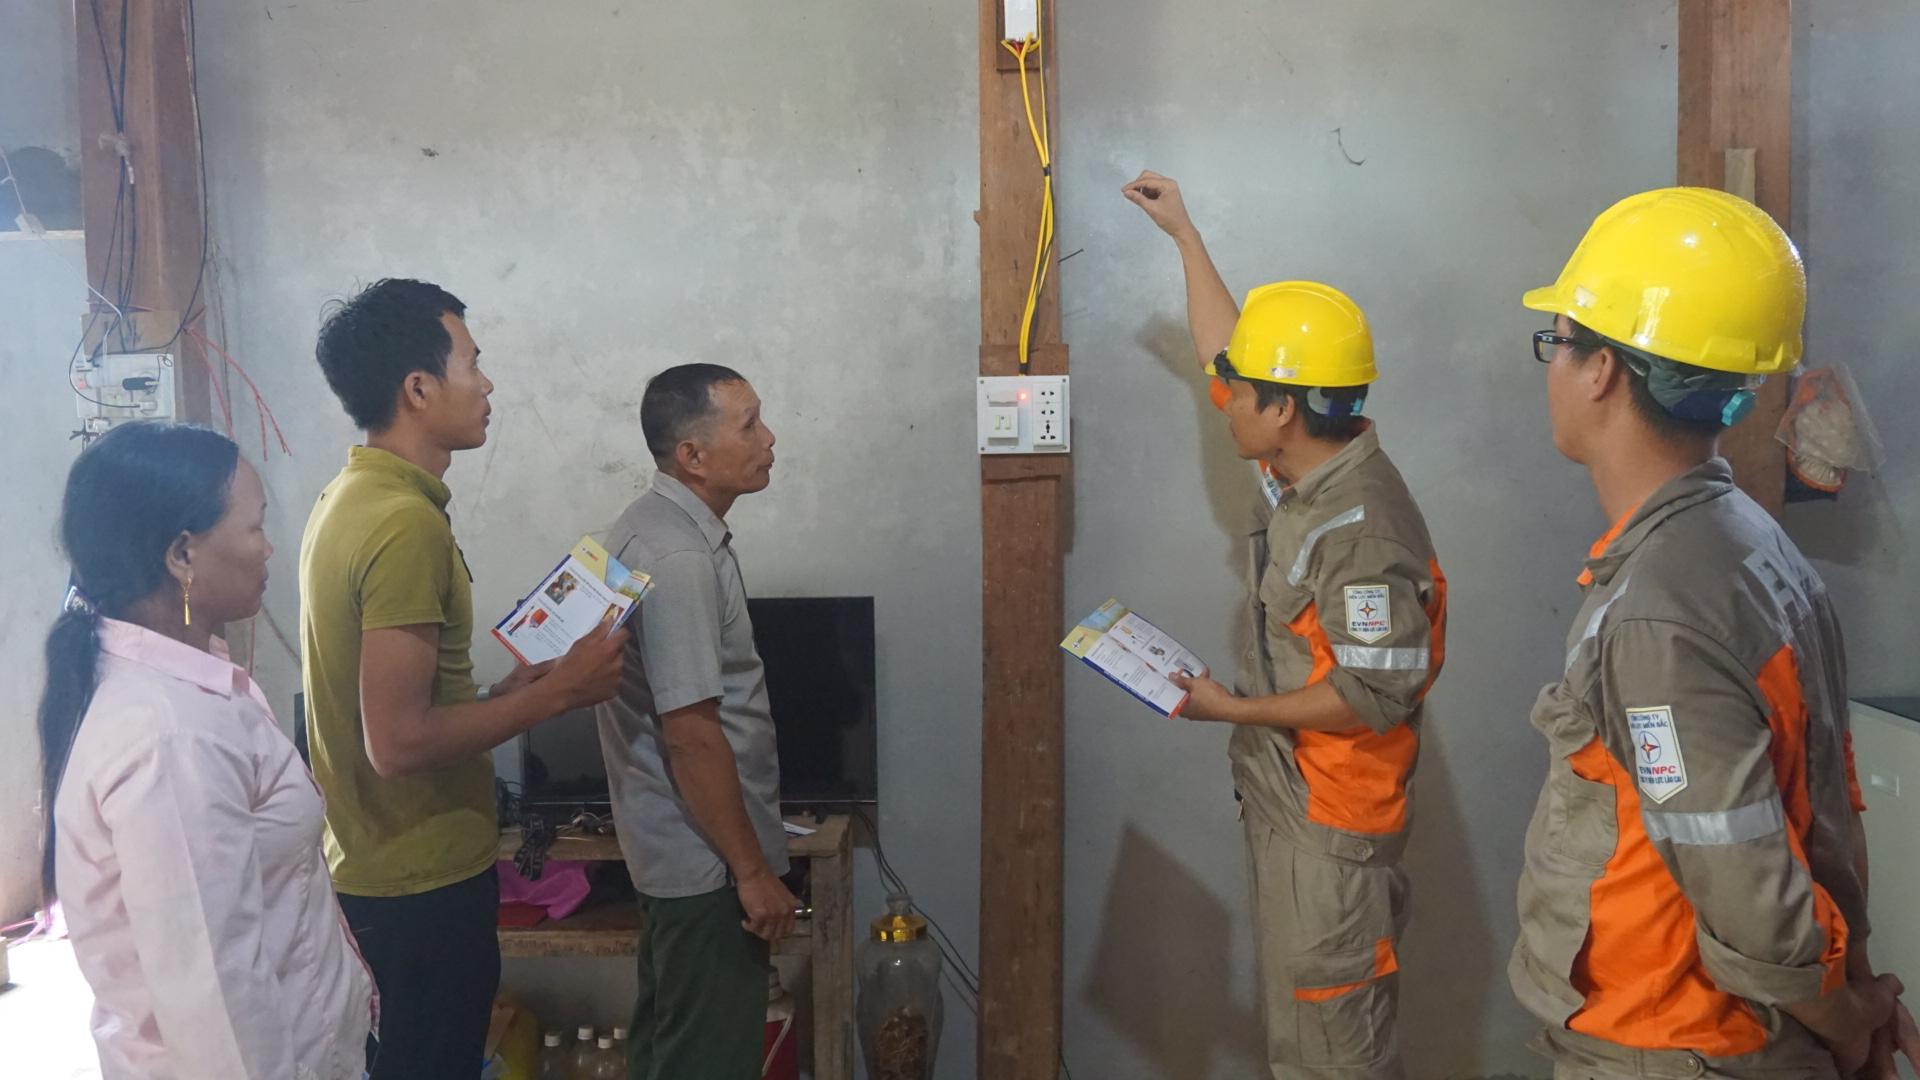 Cán bộ điện lực huyện Bảo Yên hướng dẫn bà con cách sử dụng điển bảo đảm an toàn, tiết kiệm